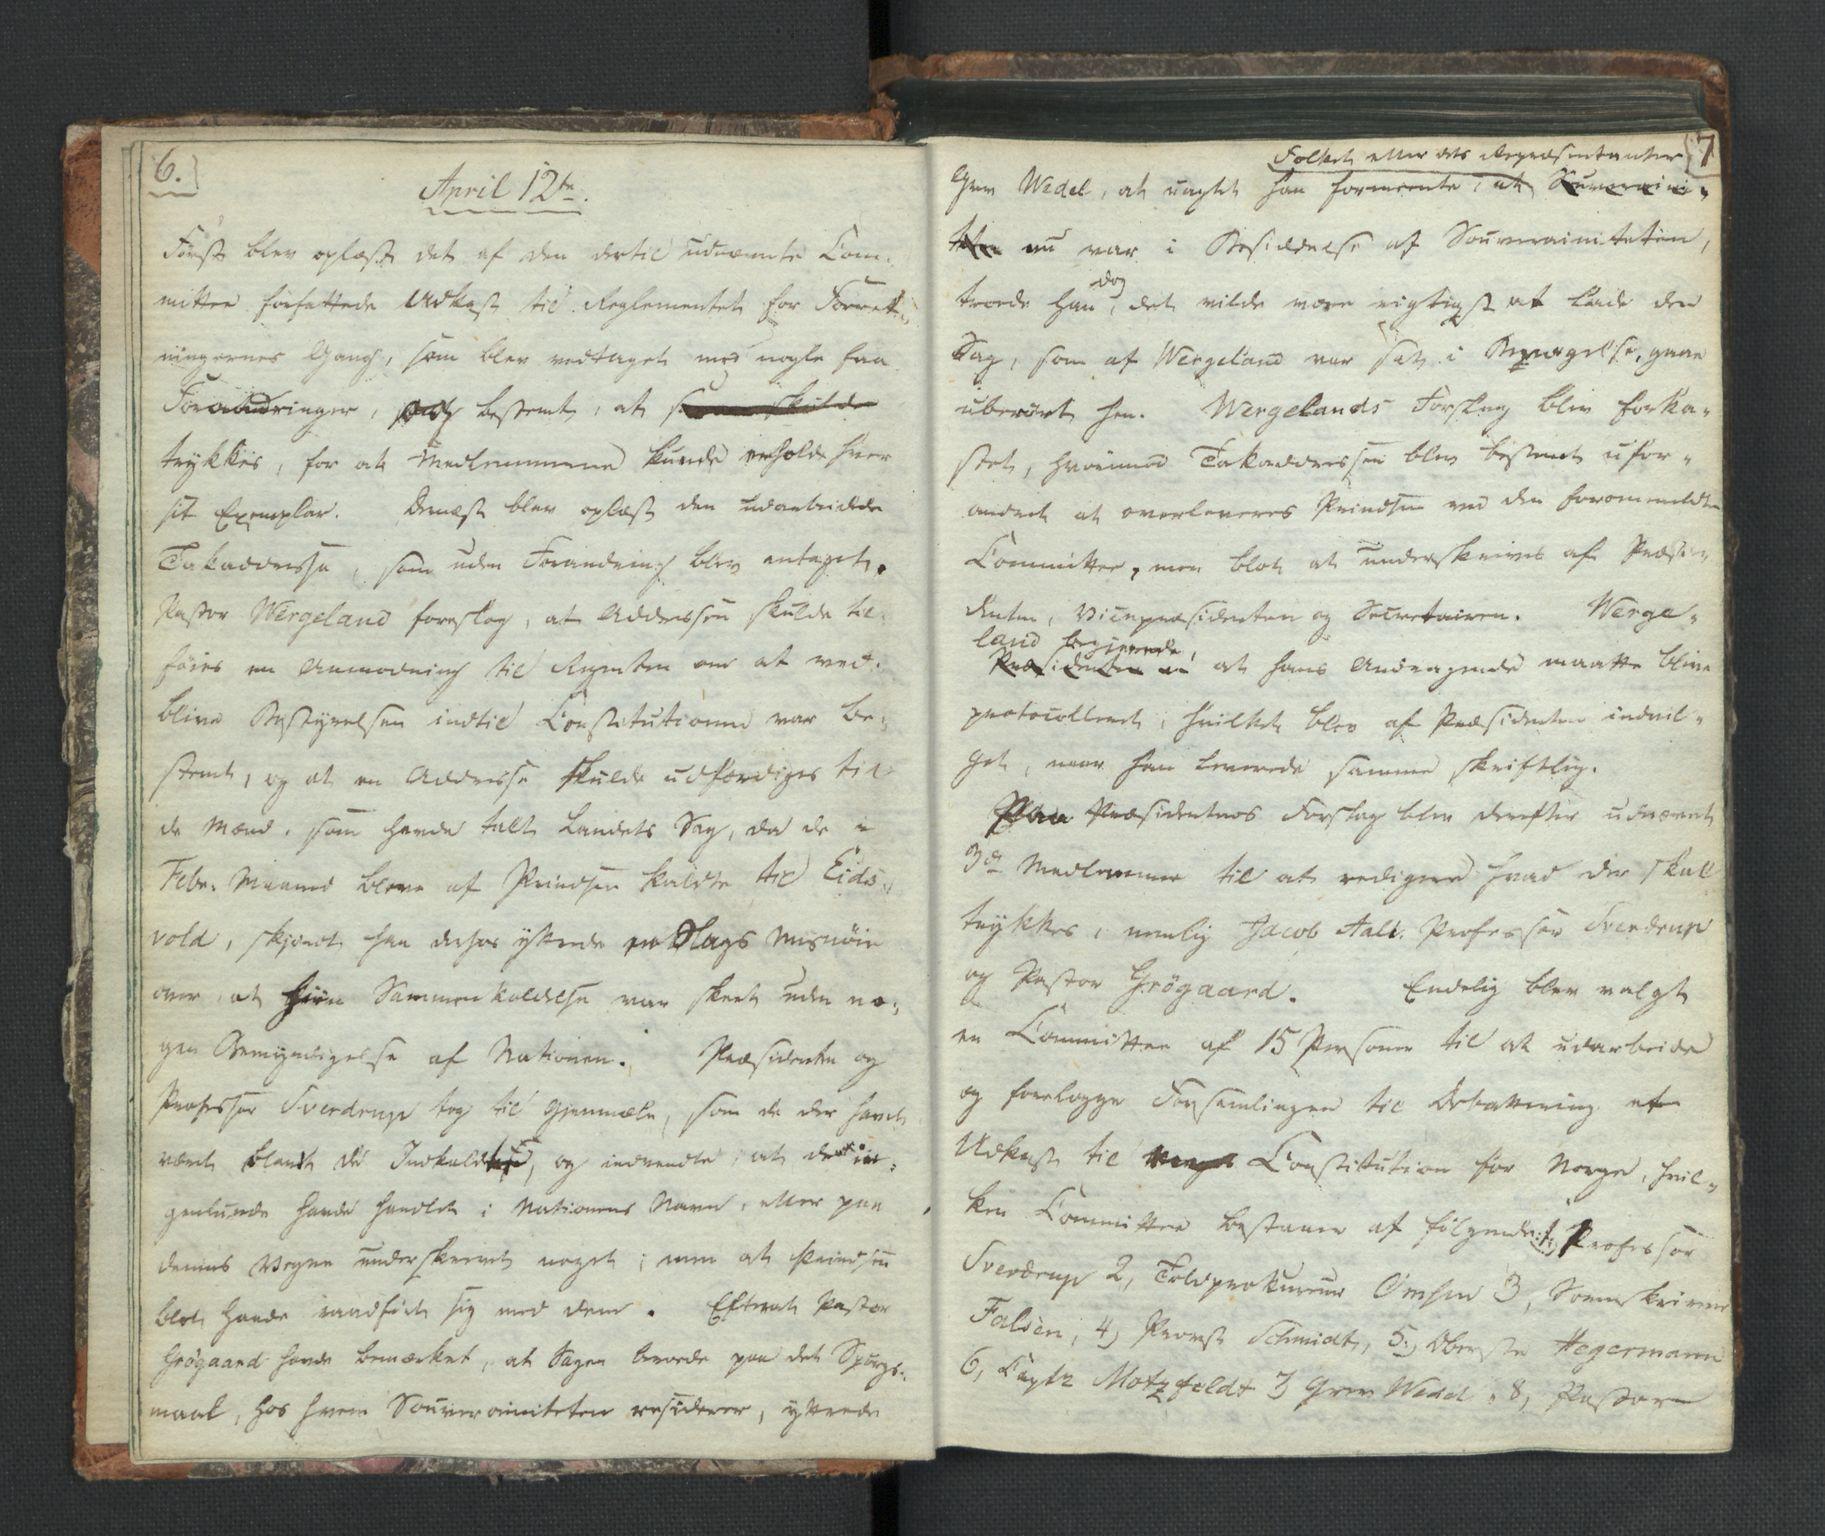 RA, Manuskriptsamlingen, H/L0021: Byfogd Gregers Winther Wulfbergs dagbok under Riksforsamlingen på Eidsvoll, 1814, s. 6-7